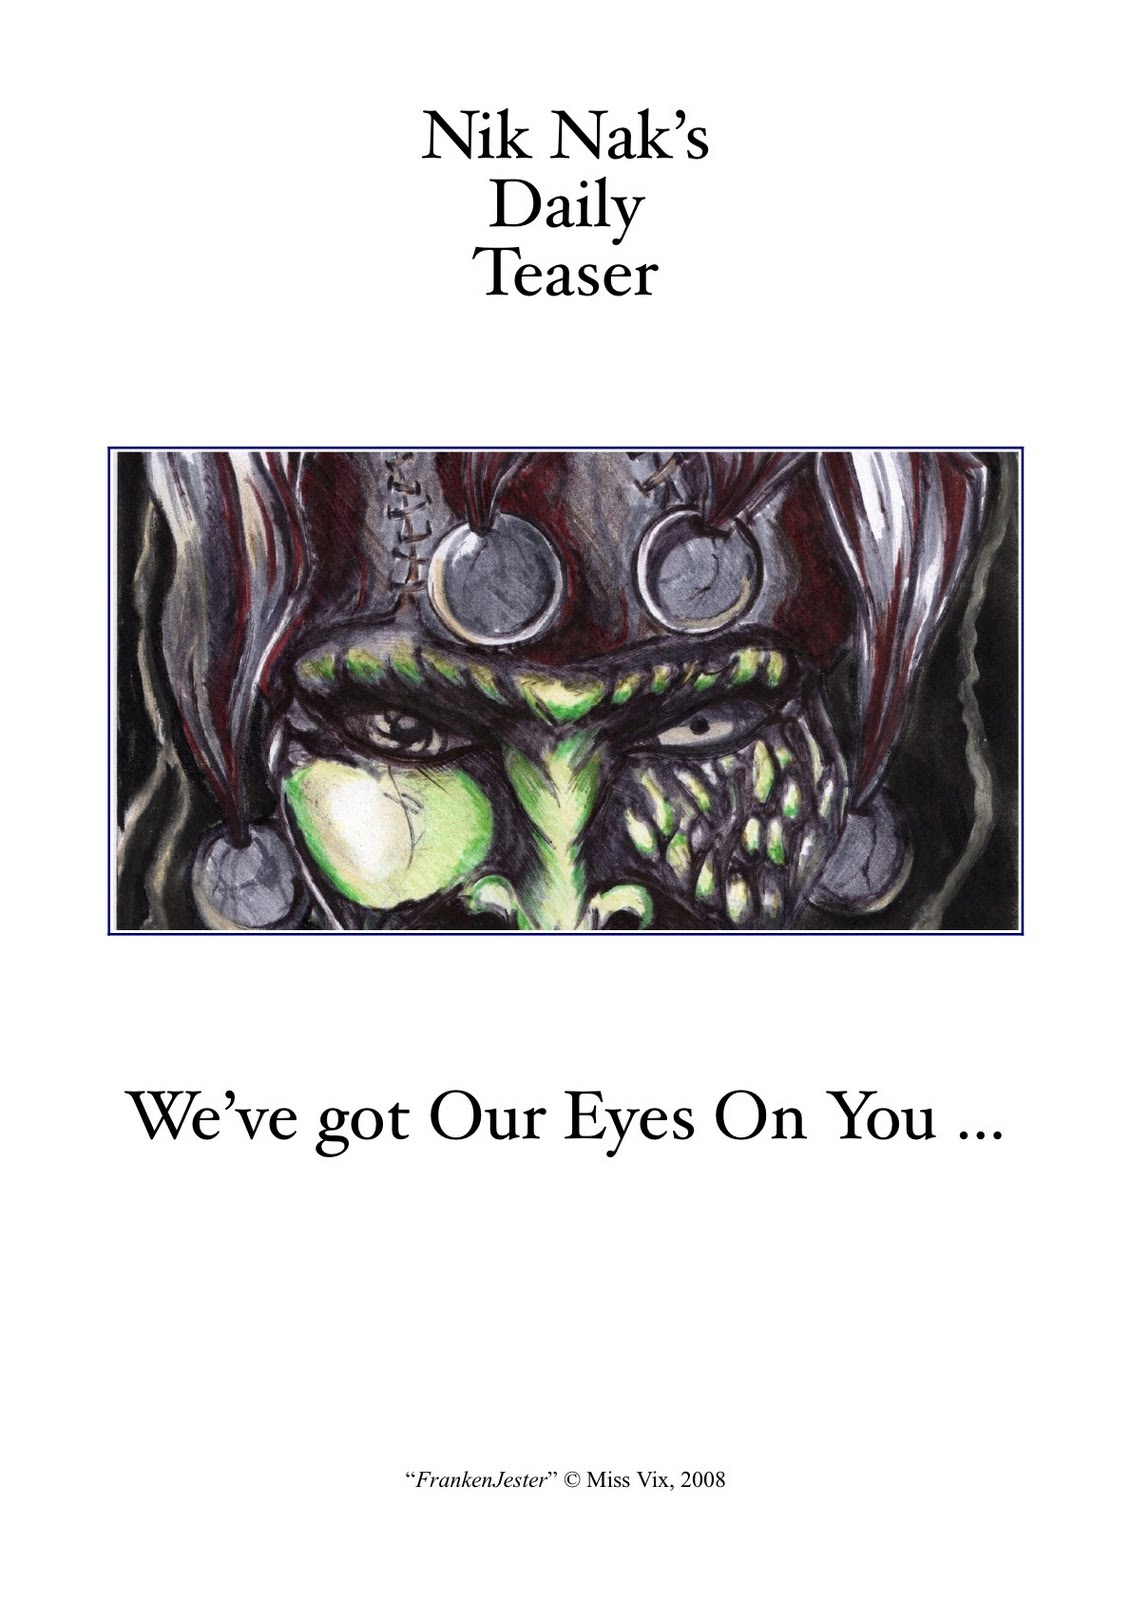 http://3.bp.blogspot.com/-JSkuteZNypk/Tv6zCq5sefI/AAAAAAAAKpY/MseMgBISNJs/s1600/EyeballTeaser.jpg